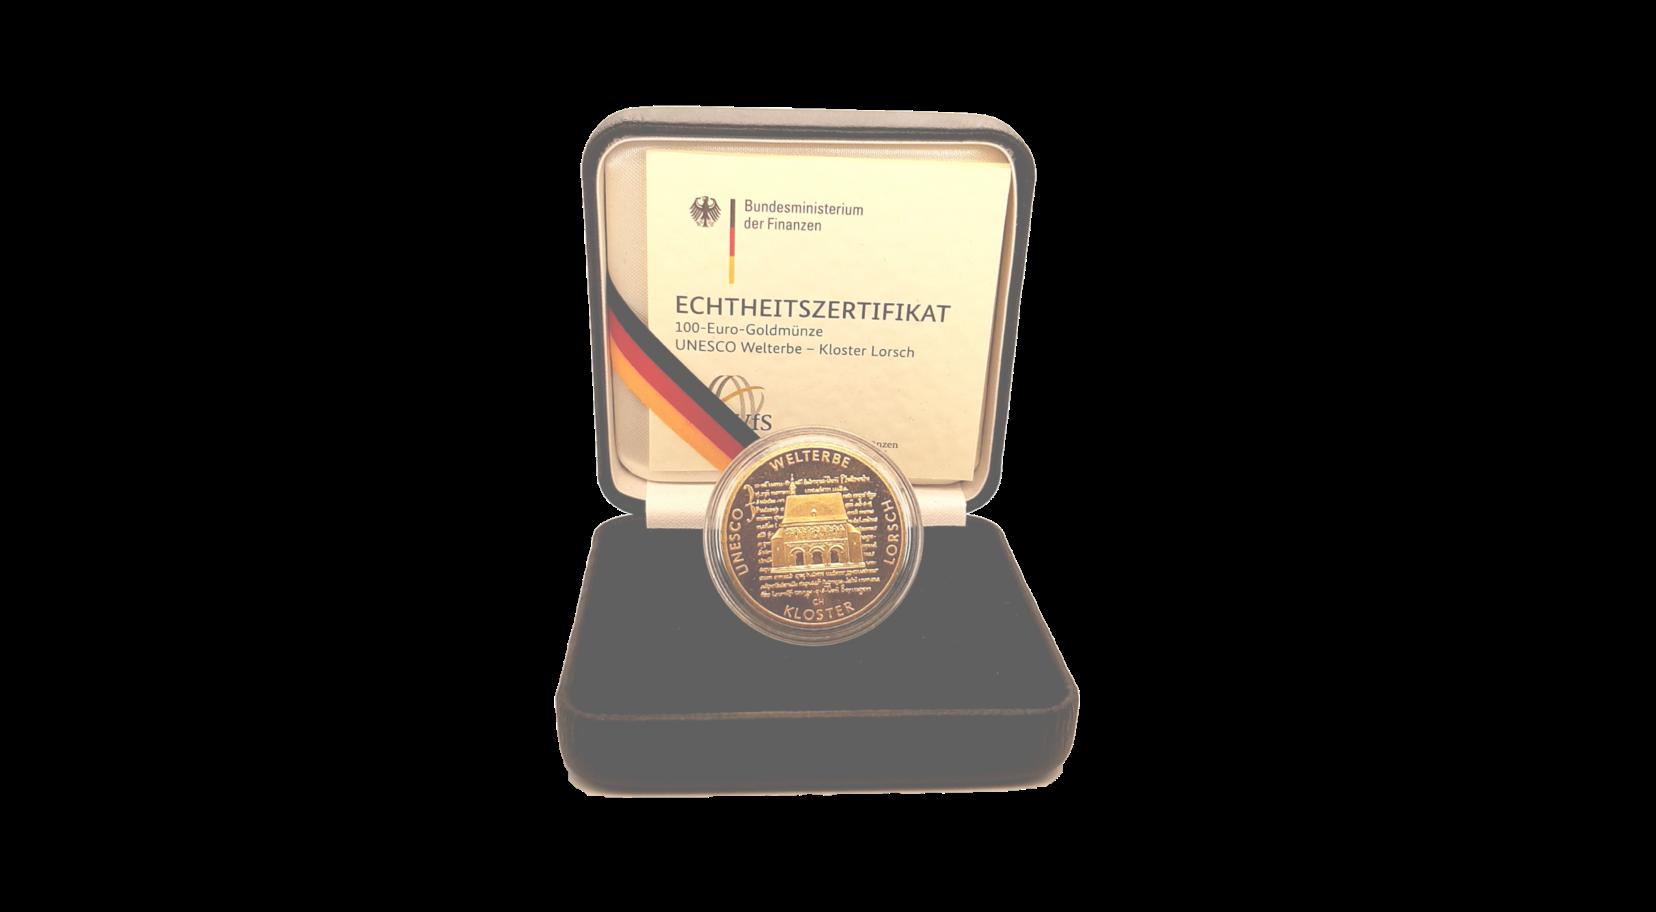 """100-Euro-Goldmünze 2014 """"UNESCO Welterbe –Kloster Lorsch"""""""